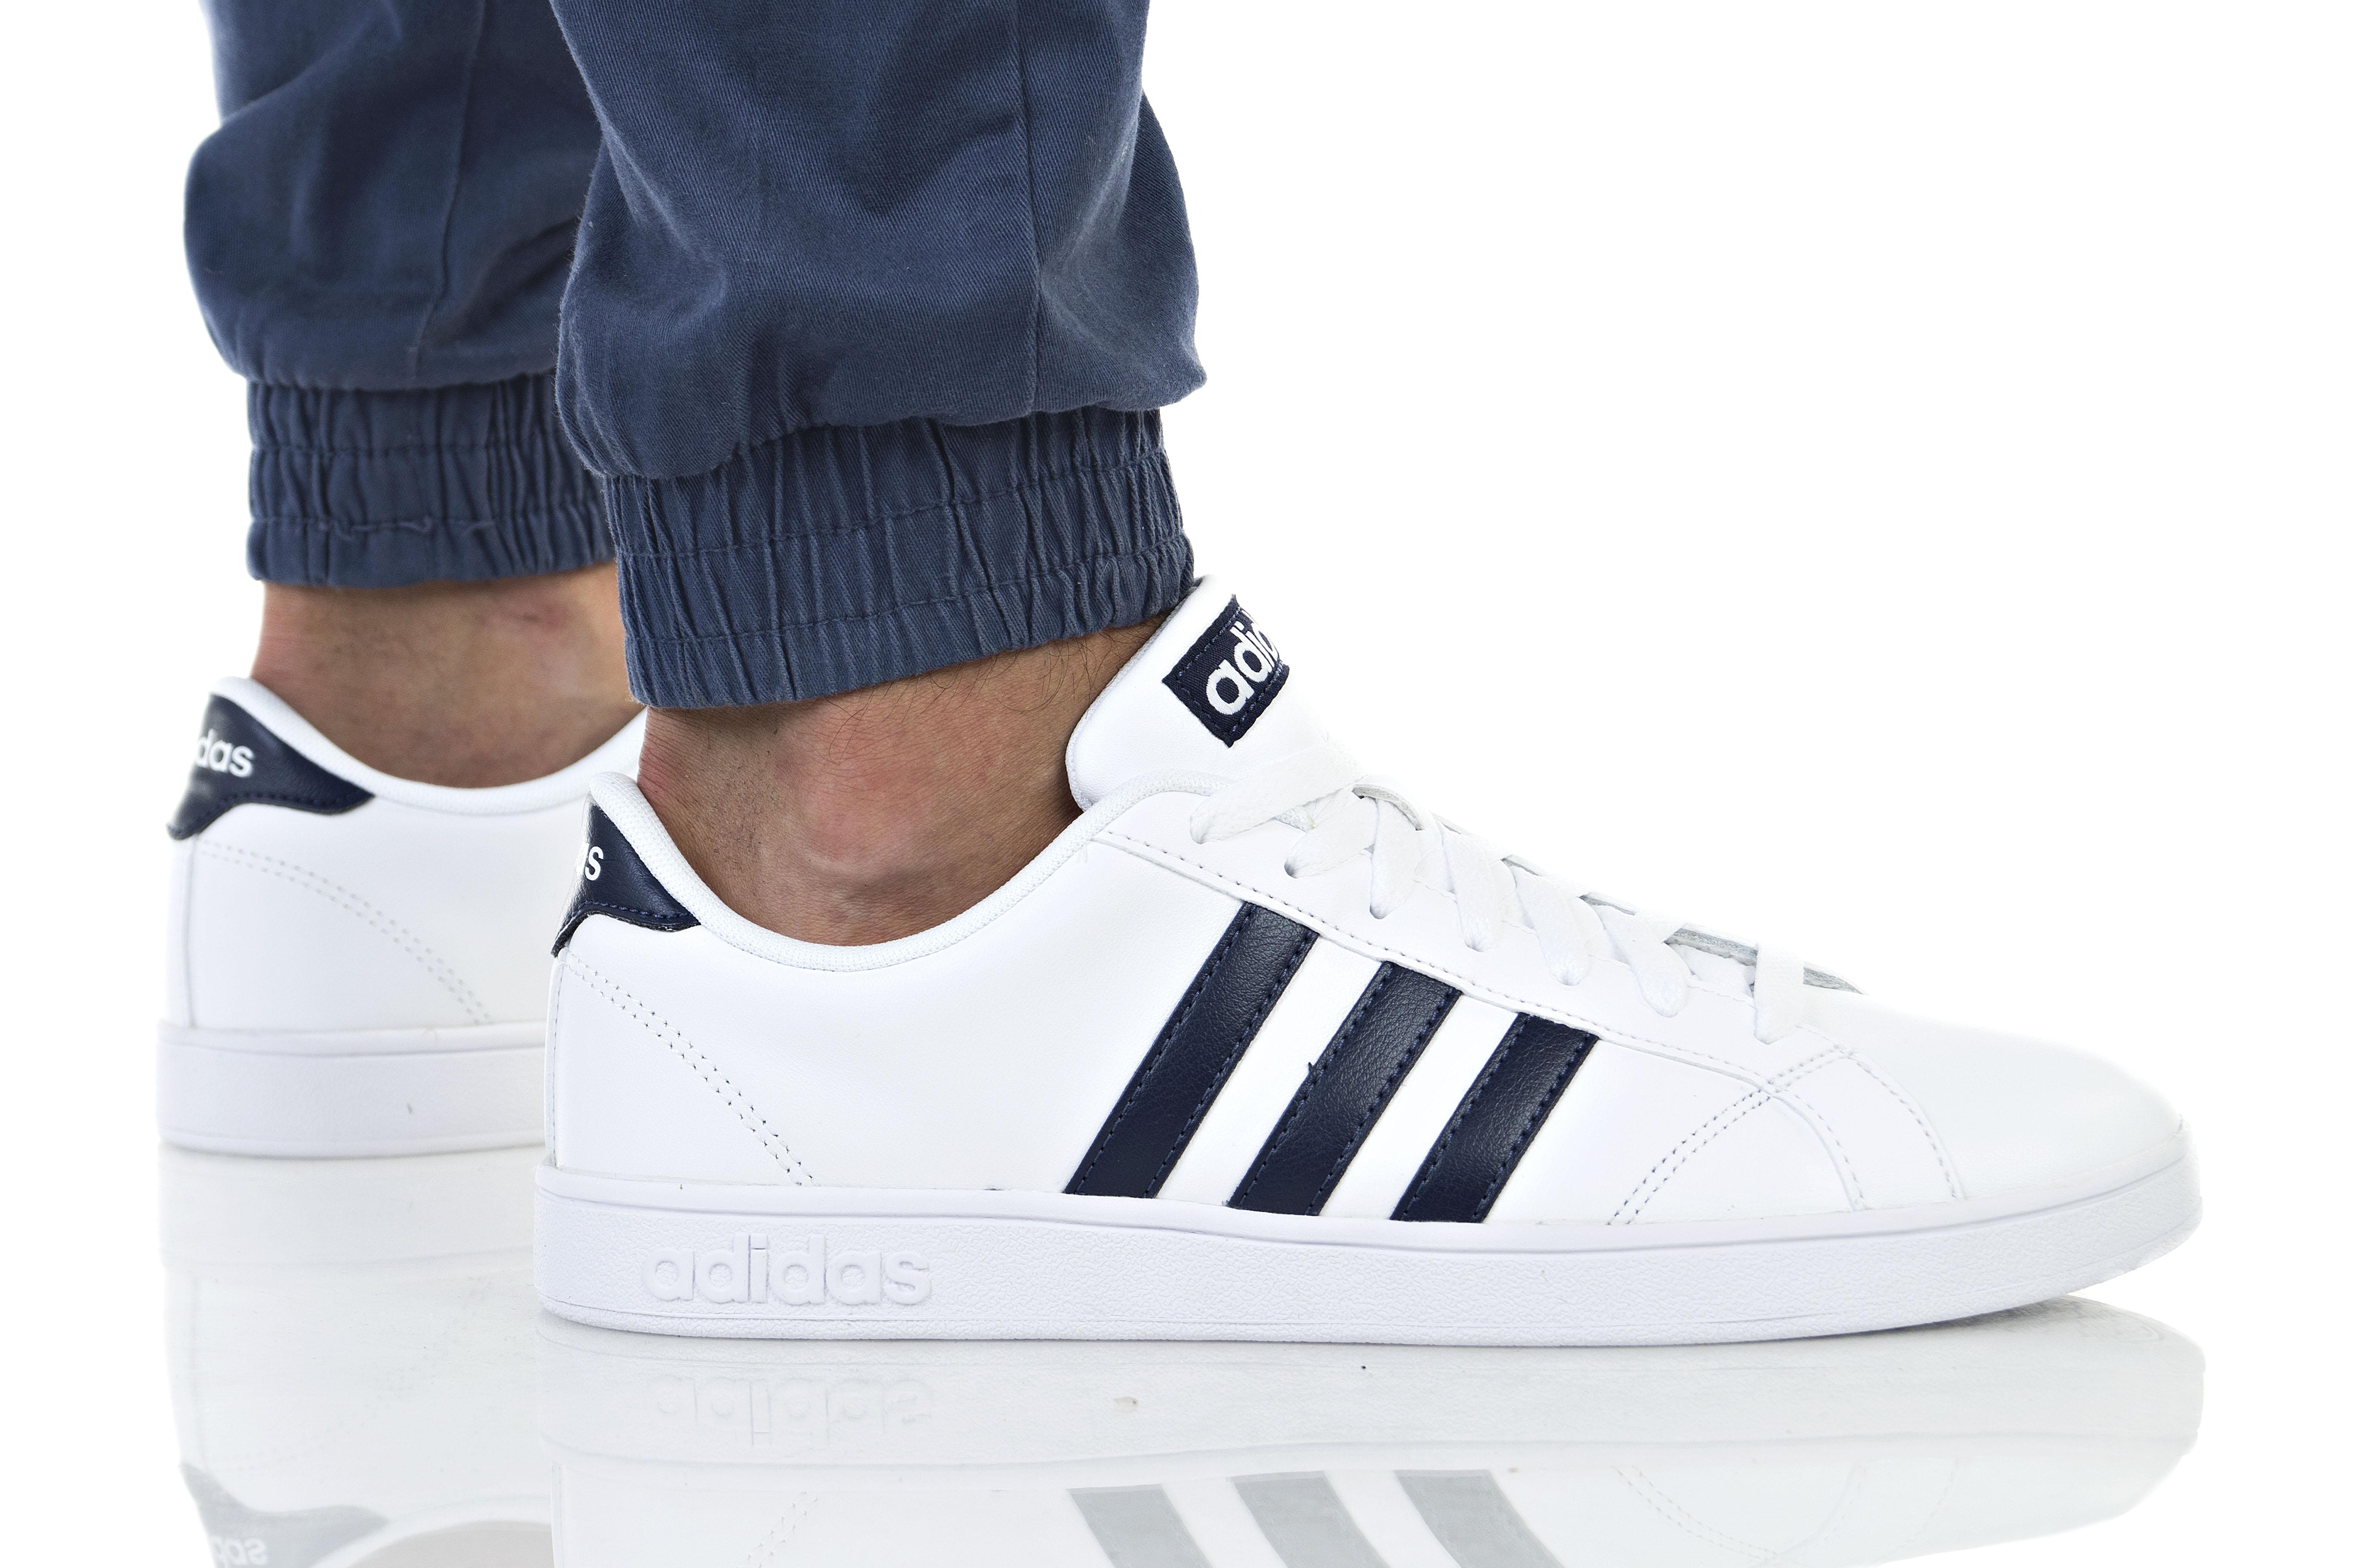 נעליים אדידס לגברים Adidas BASELINE - לבן